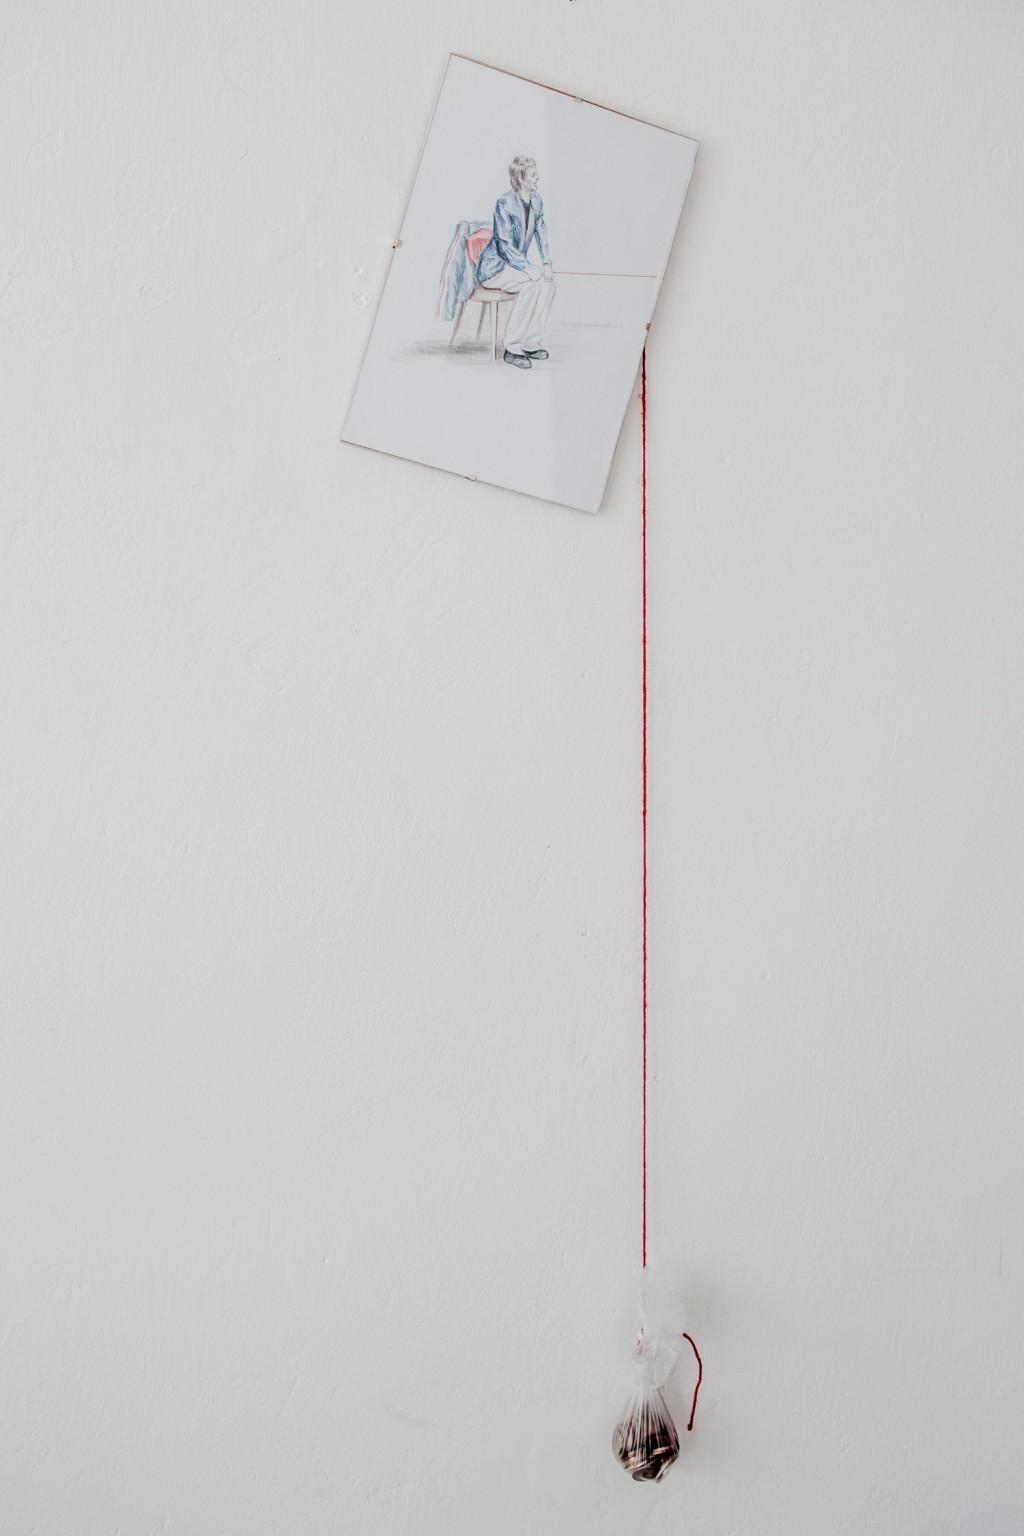 """Oskar Dawicki, """"Ćwiczenie zrównowagi"""", 2012, dzięki uprzejmości Gdańskiej Galerii Miejskiej"""